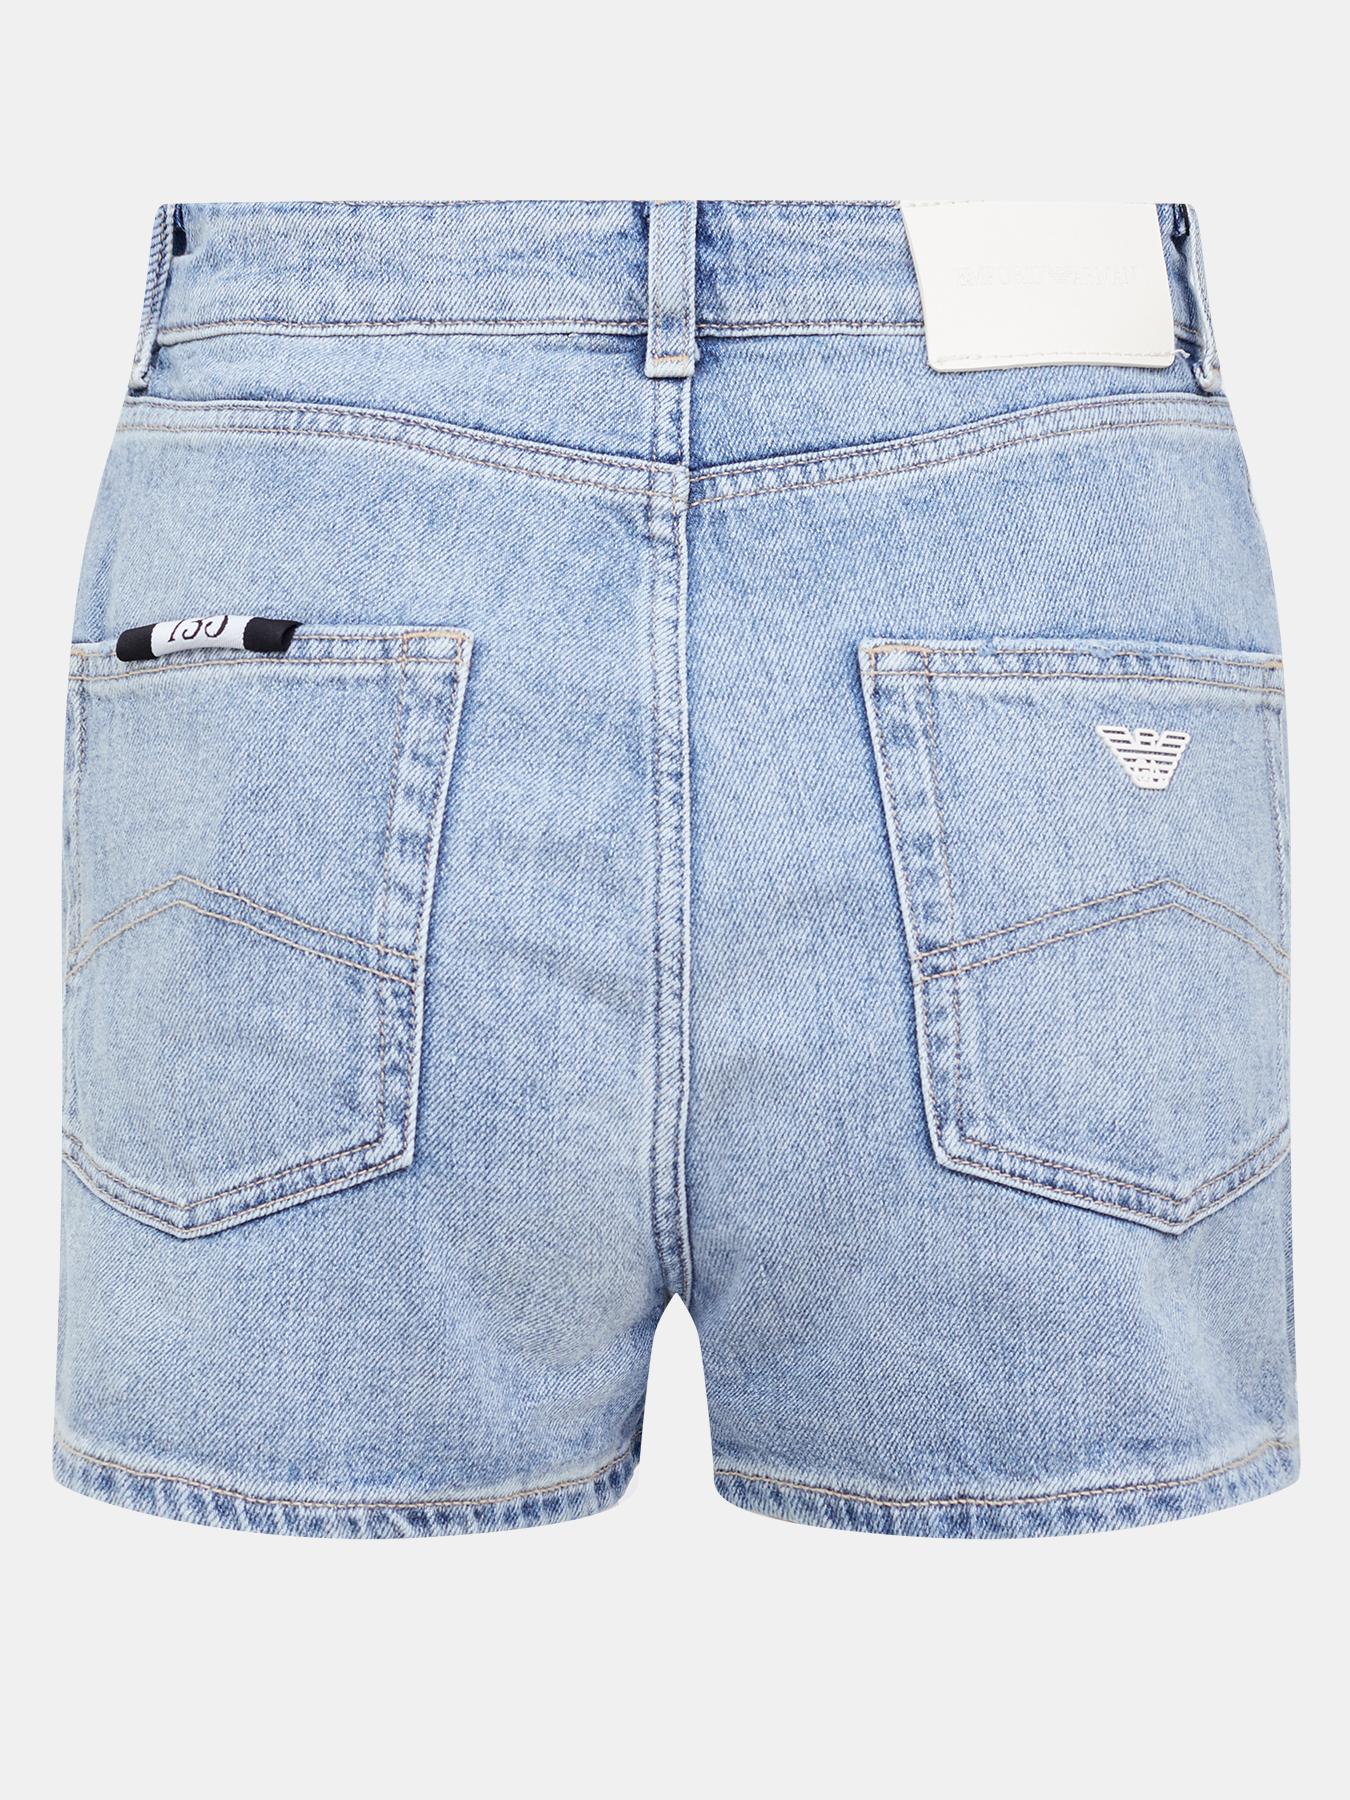 Шорты Emporio Armani Джинсовые шорты co te джинсовые шорты